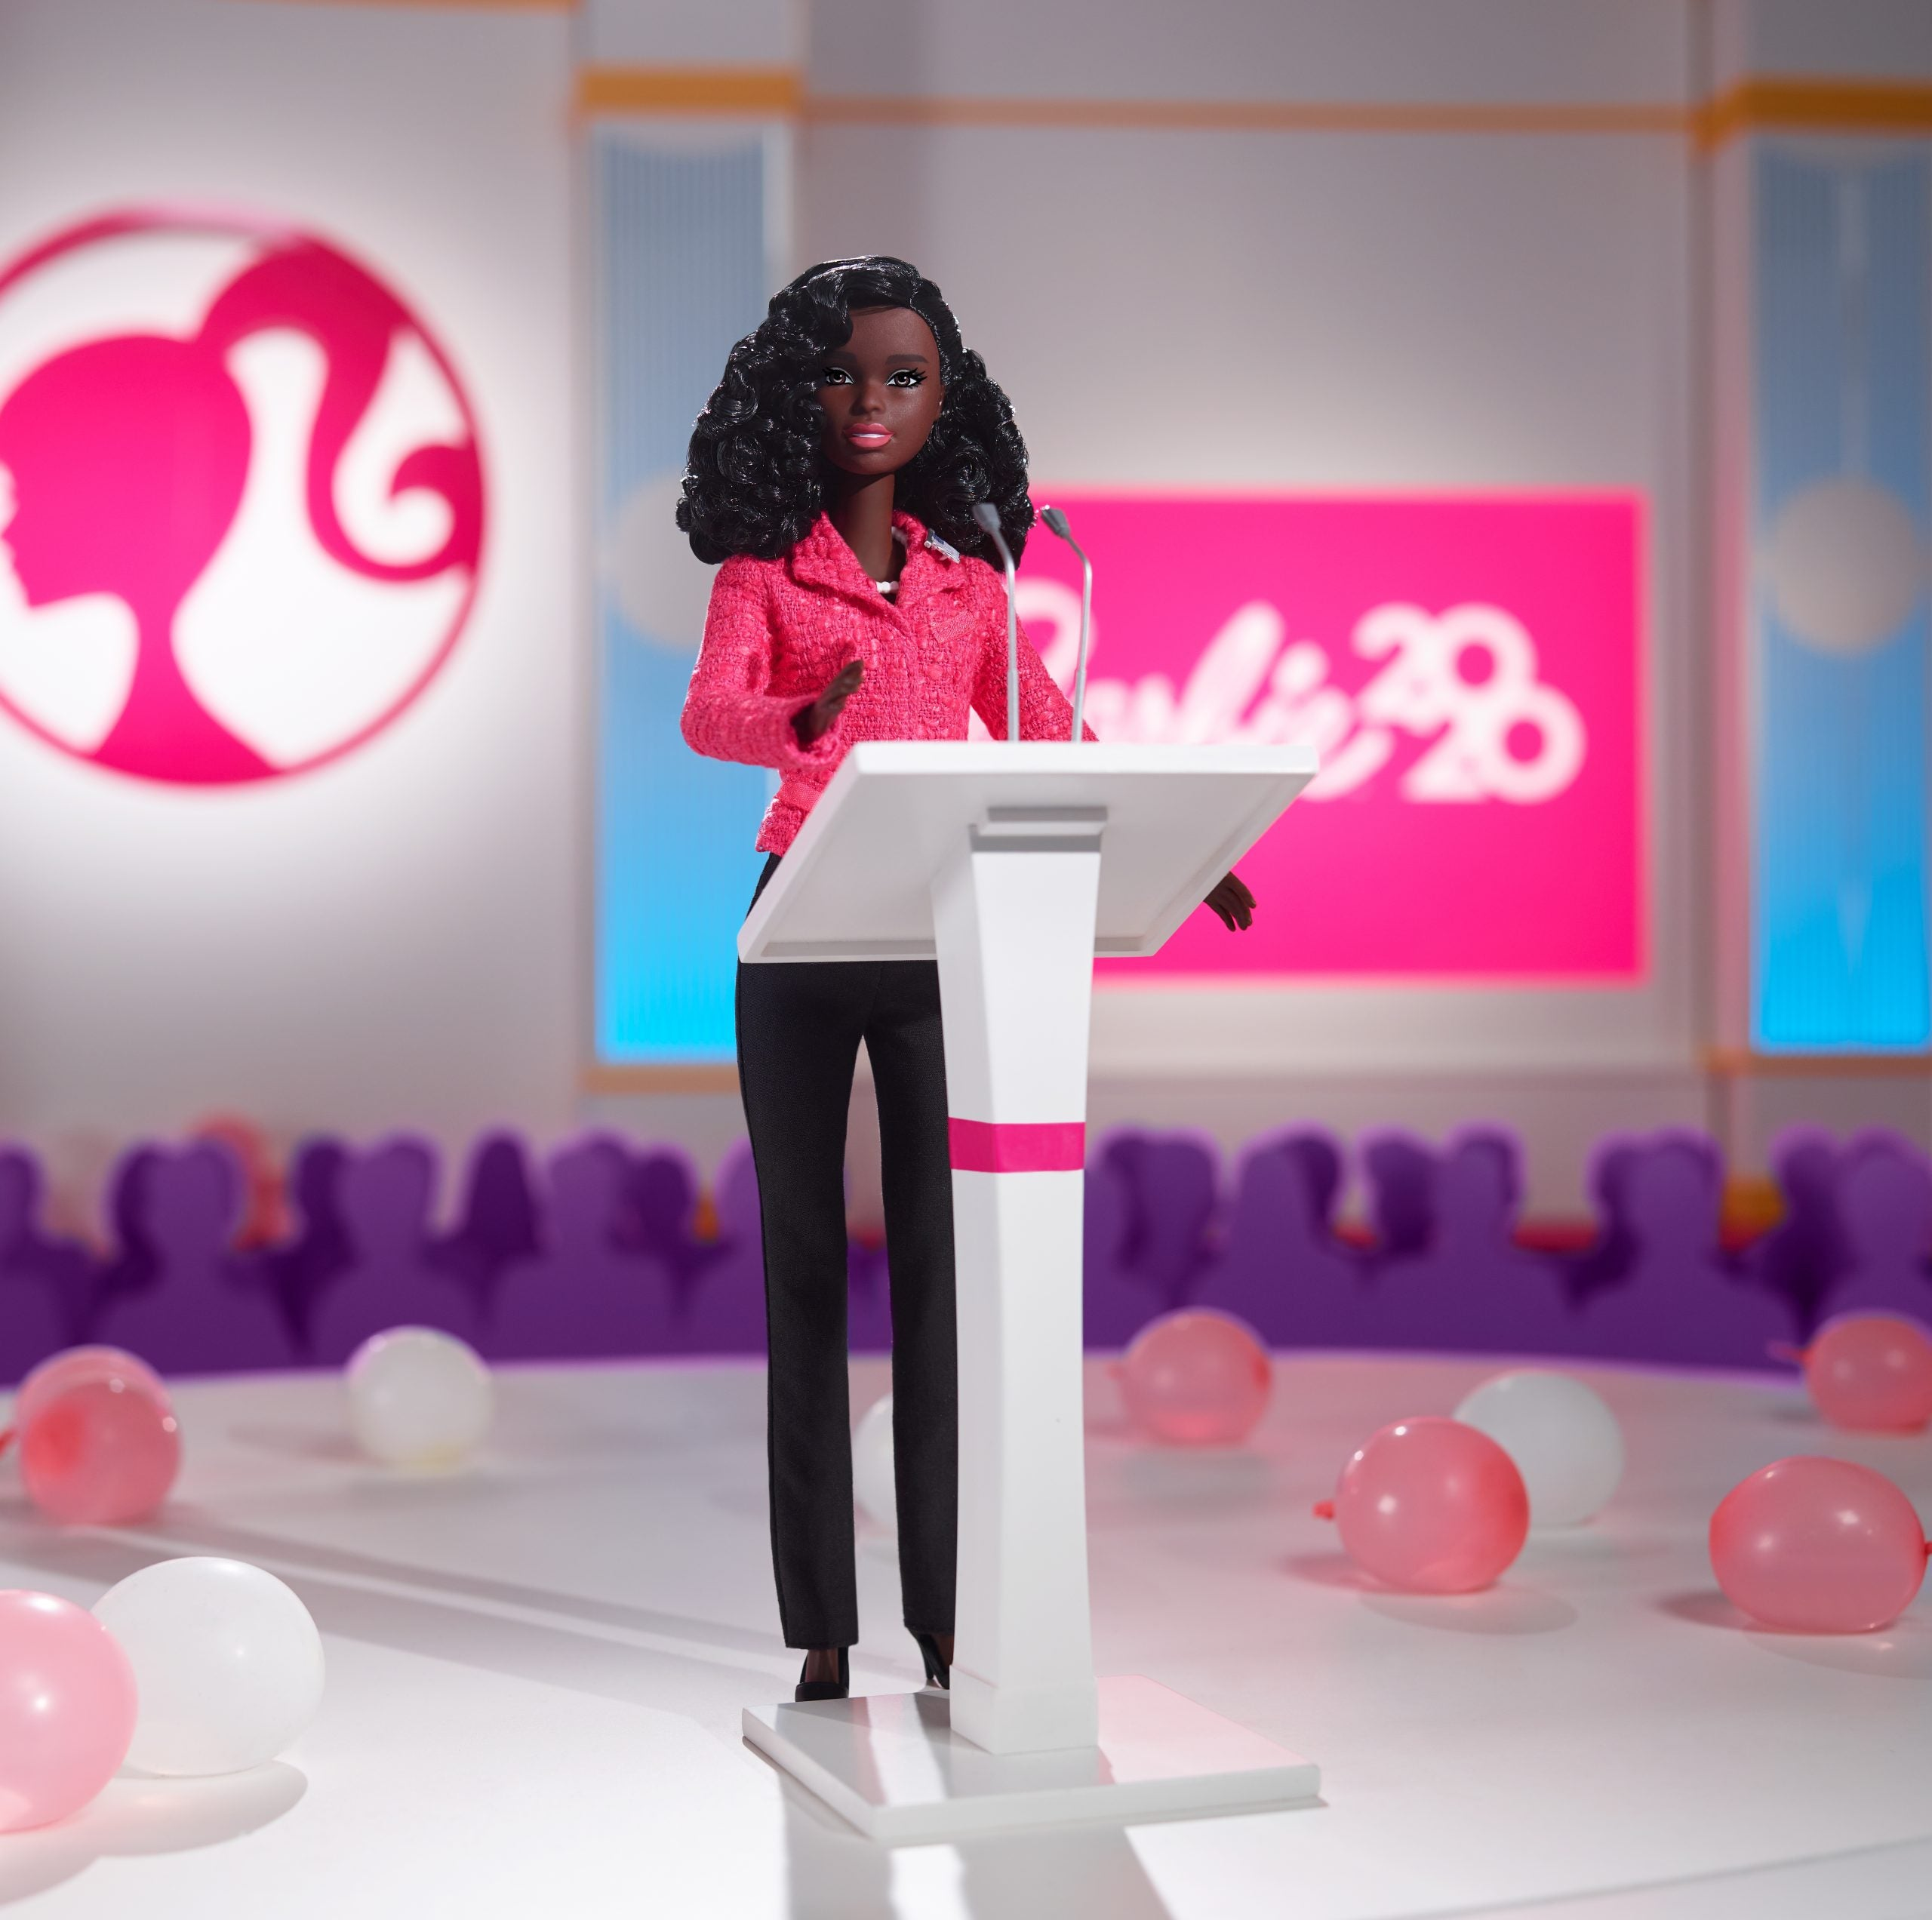 Black Barbie at podium